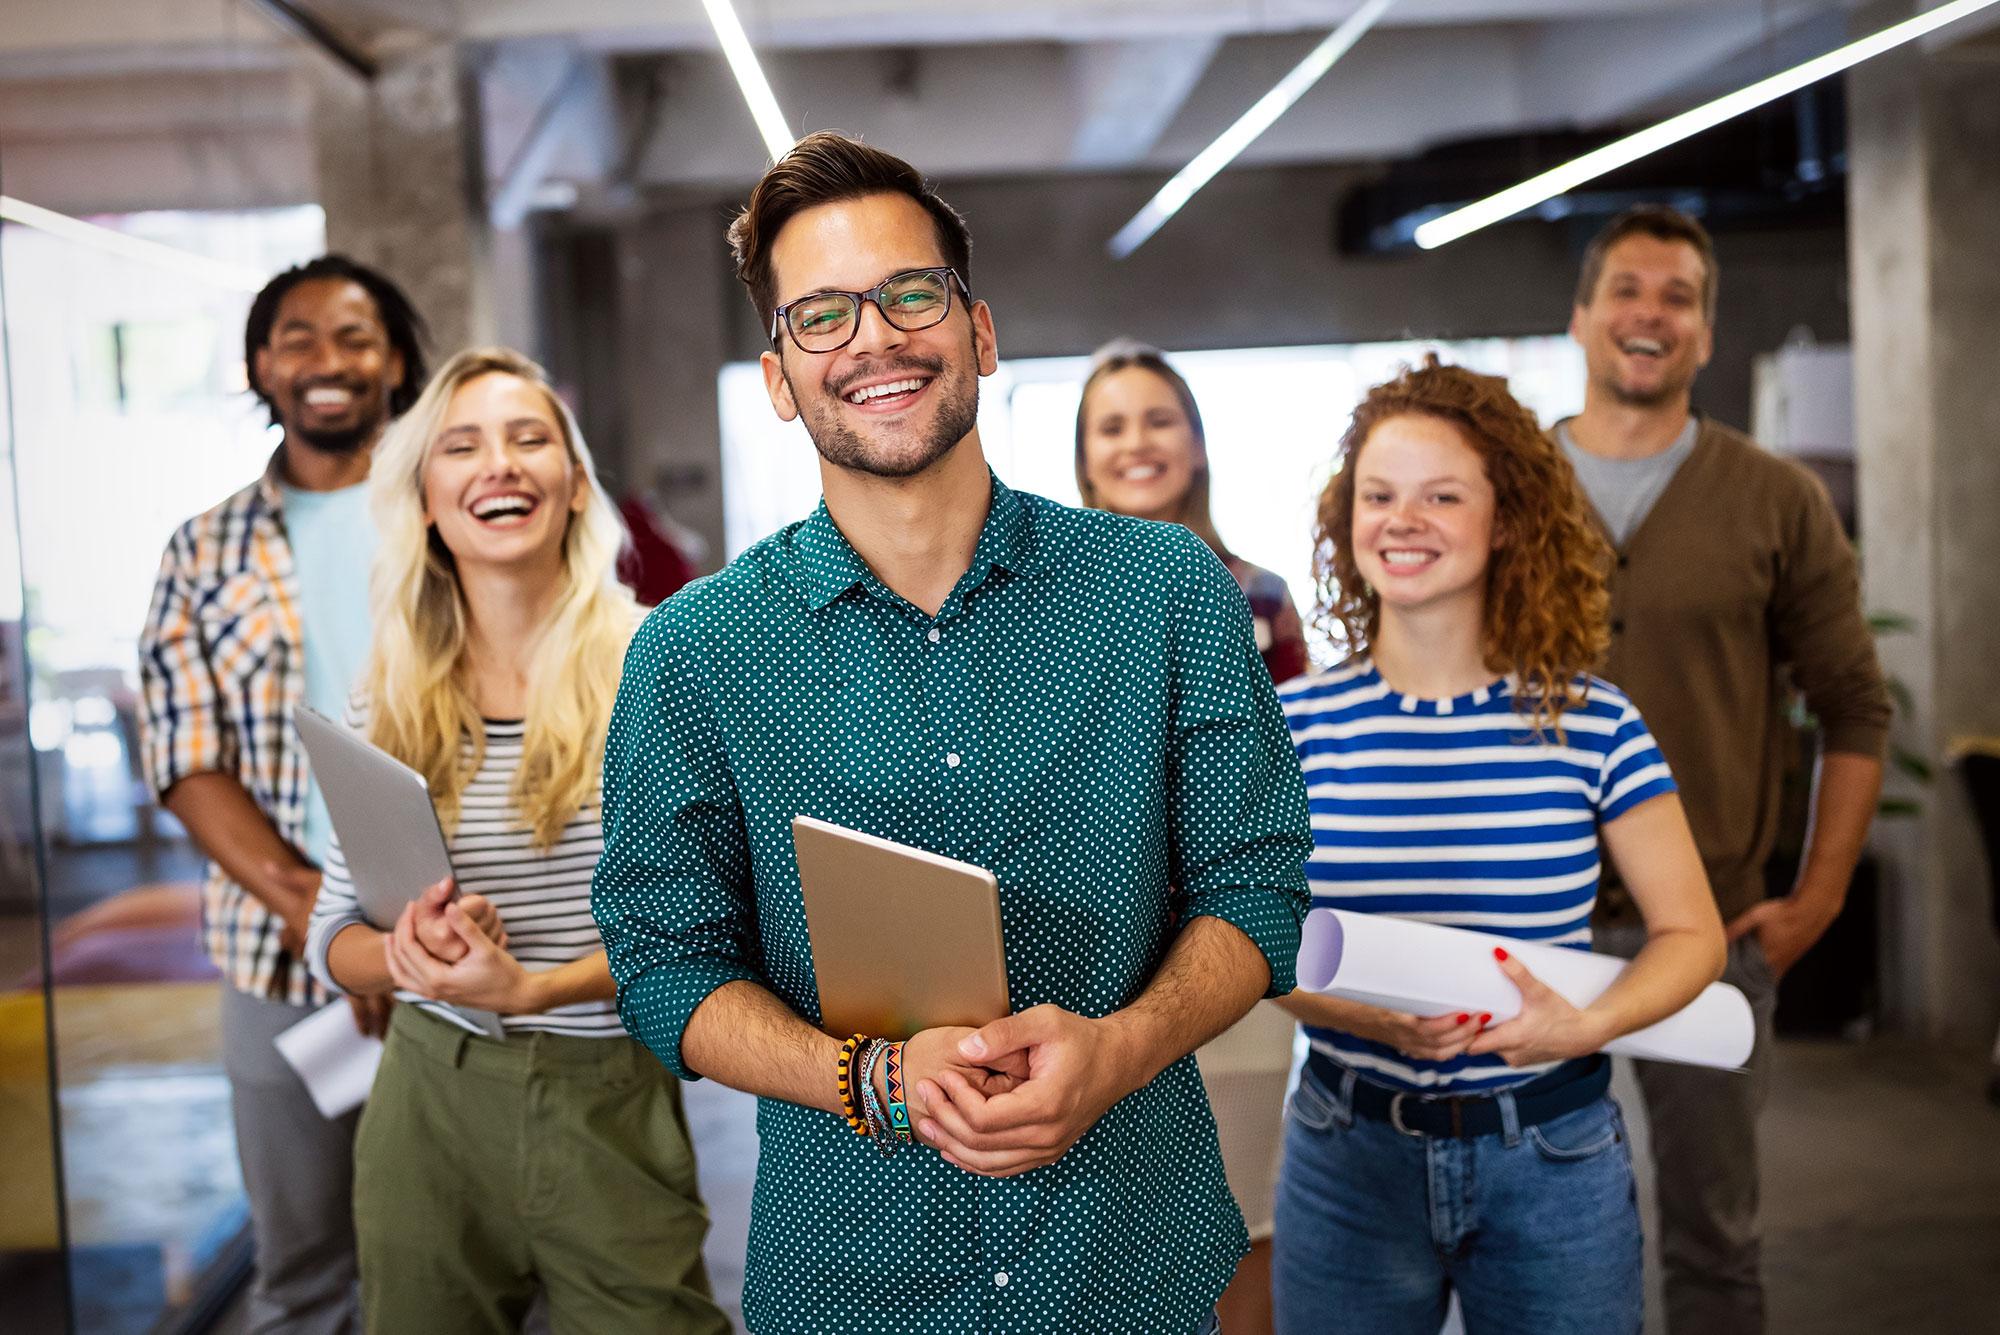 creative-brainstorming-happy-business-people-desig-5KMLTT7.jpg